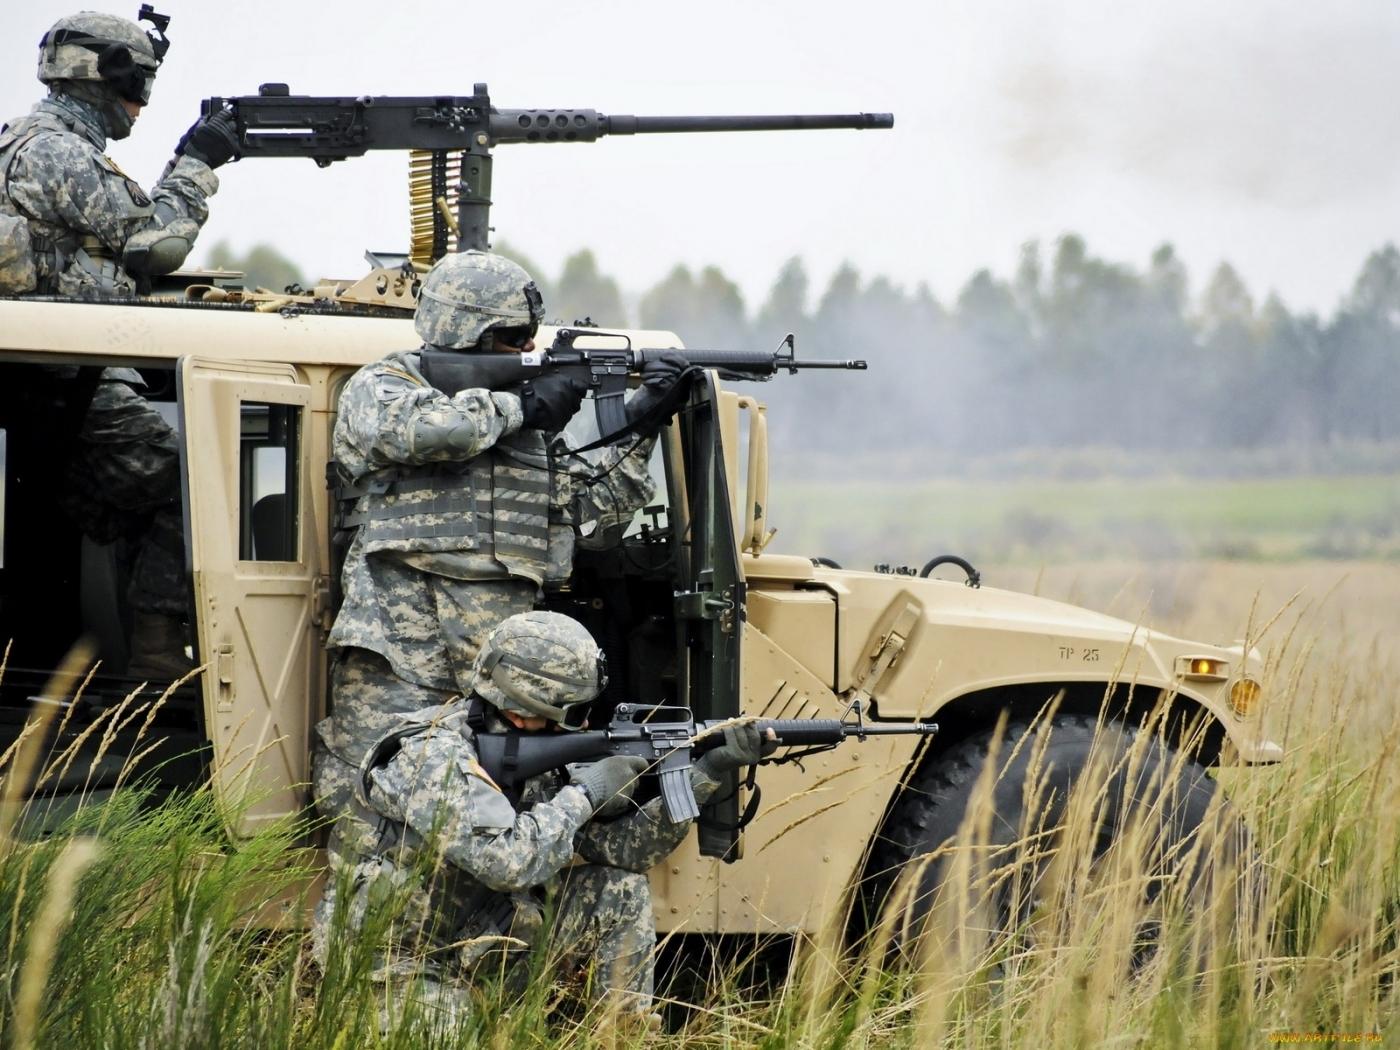 24984 Hintergrundbild herunterladen Waffe, Transport, Auto, Menschen, Männer, Hummer, Soldiers - Bildschirmschoner und Bilder kostenlos